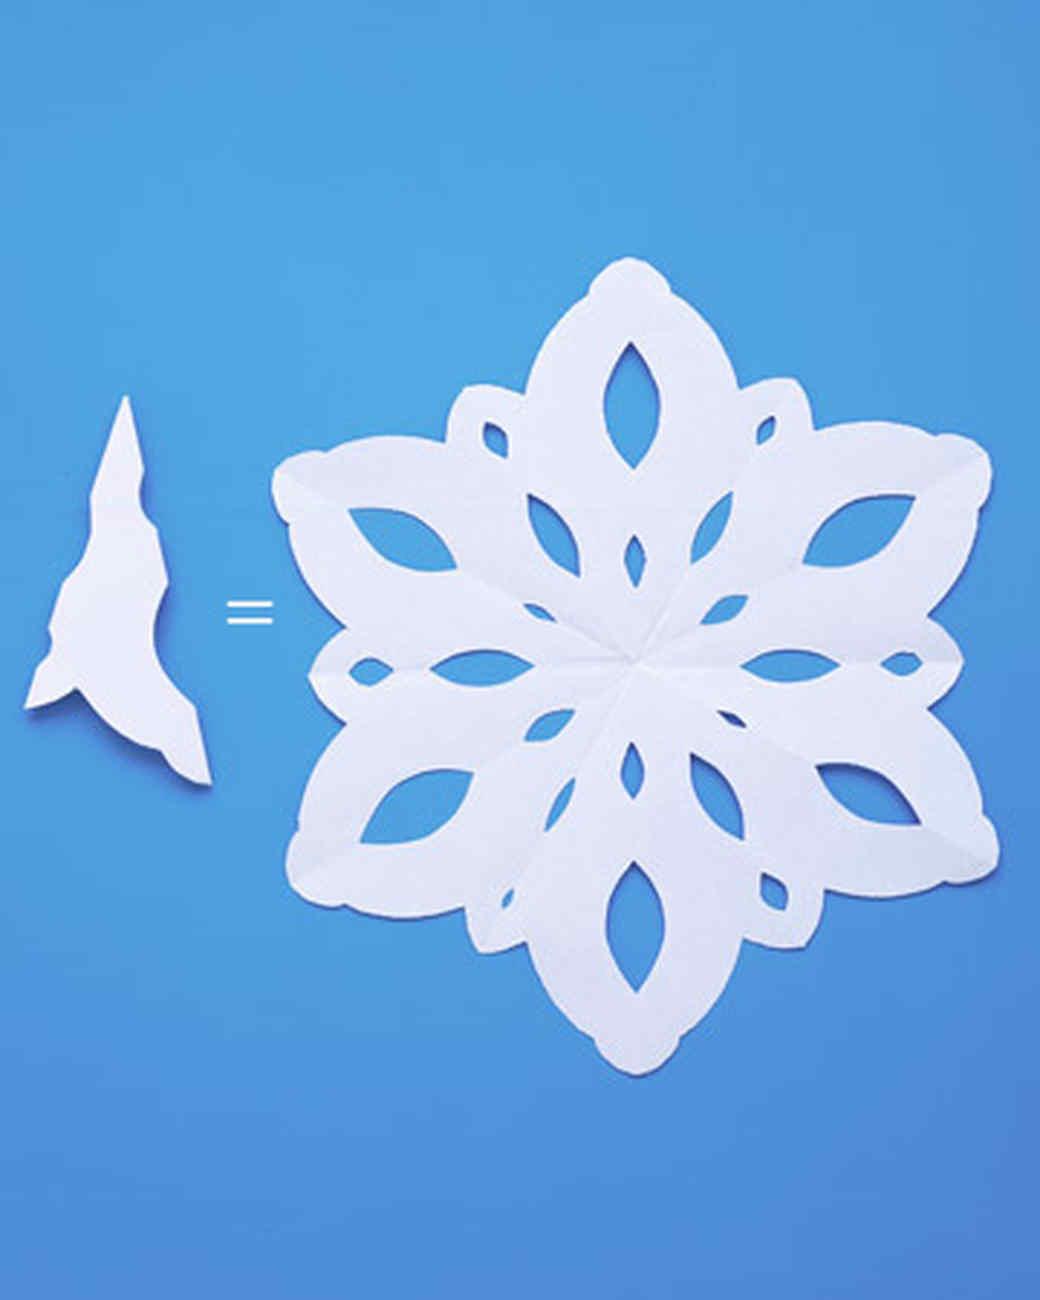 создании картинки легких снежинок малиново-красного цвета